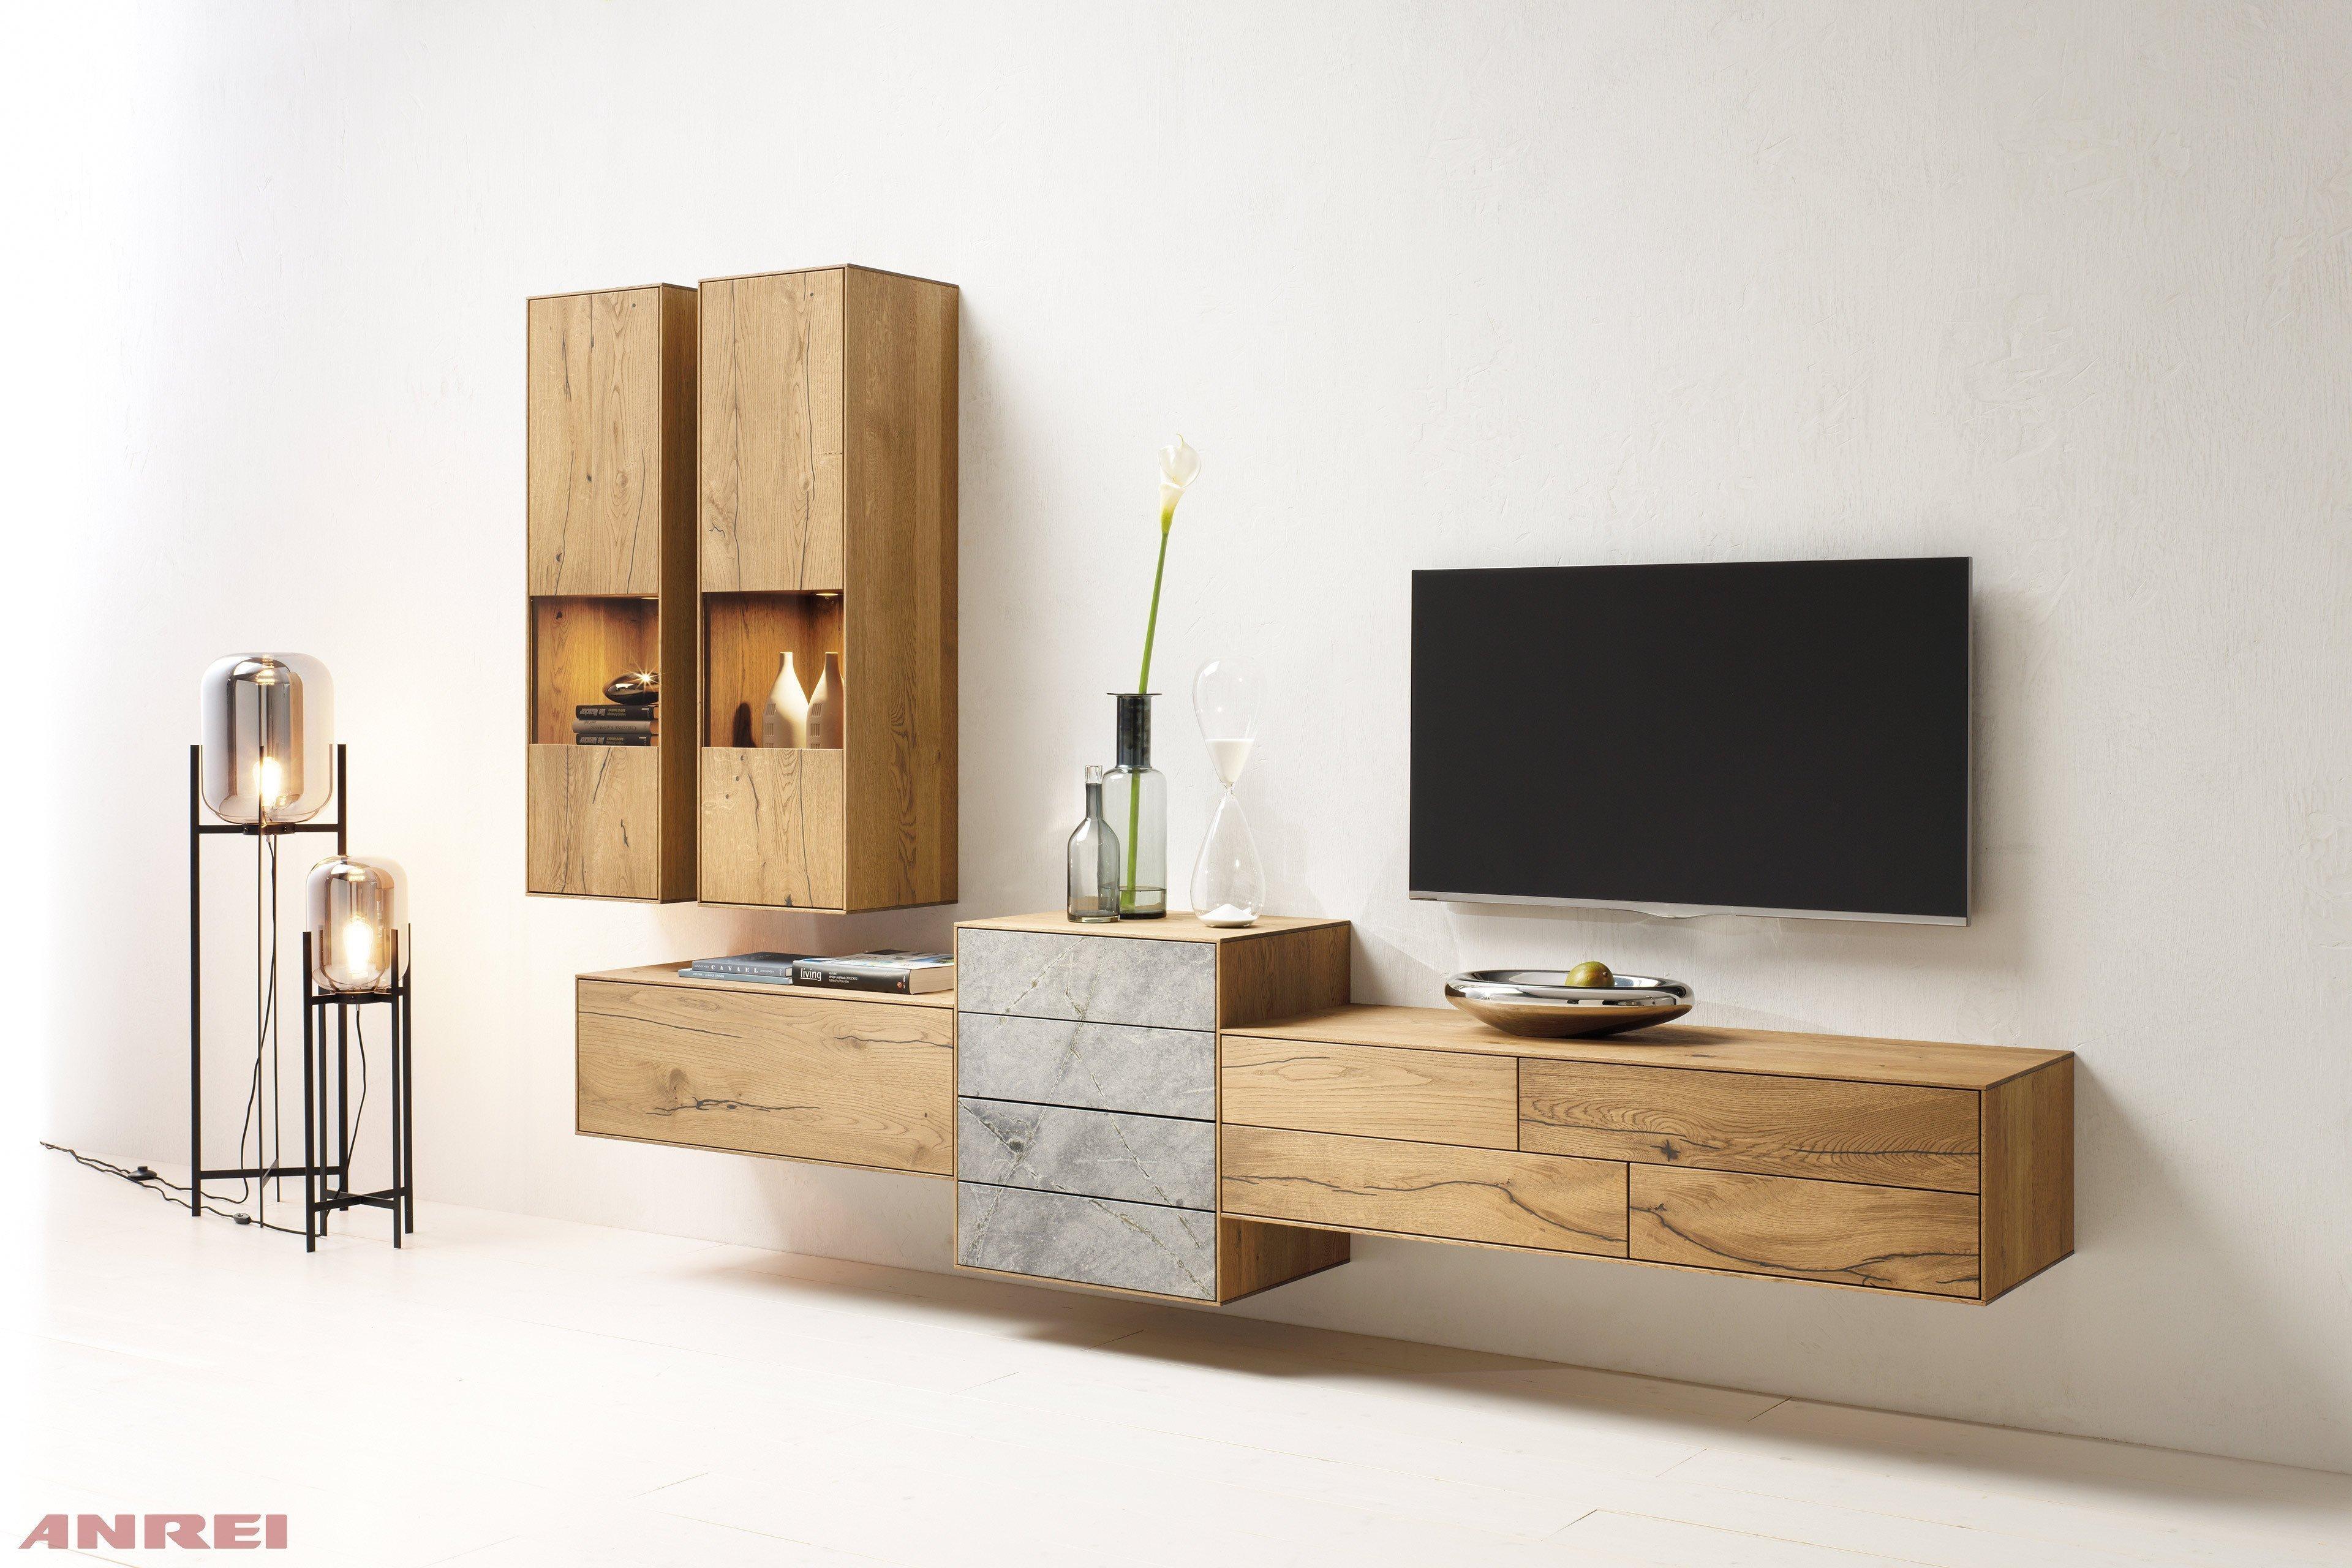 wohnwand design stein moderne einrichtungsideen und inspirationen f r ihr zuhause wohnwand. Black Bedroom Furniture Sets. Home Design Ideas